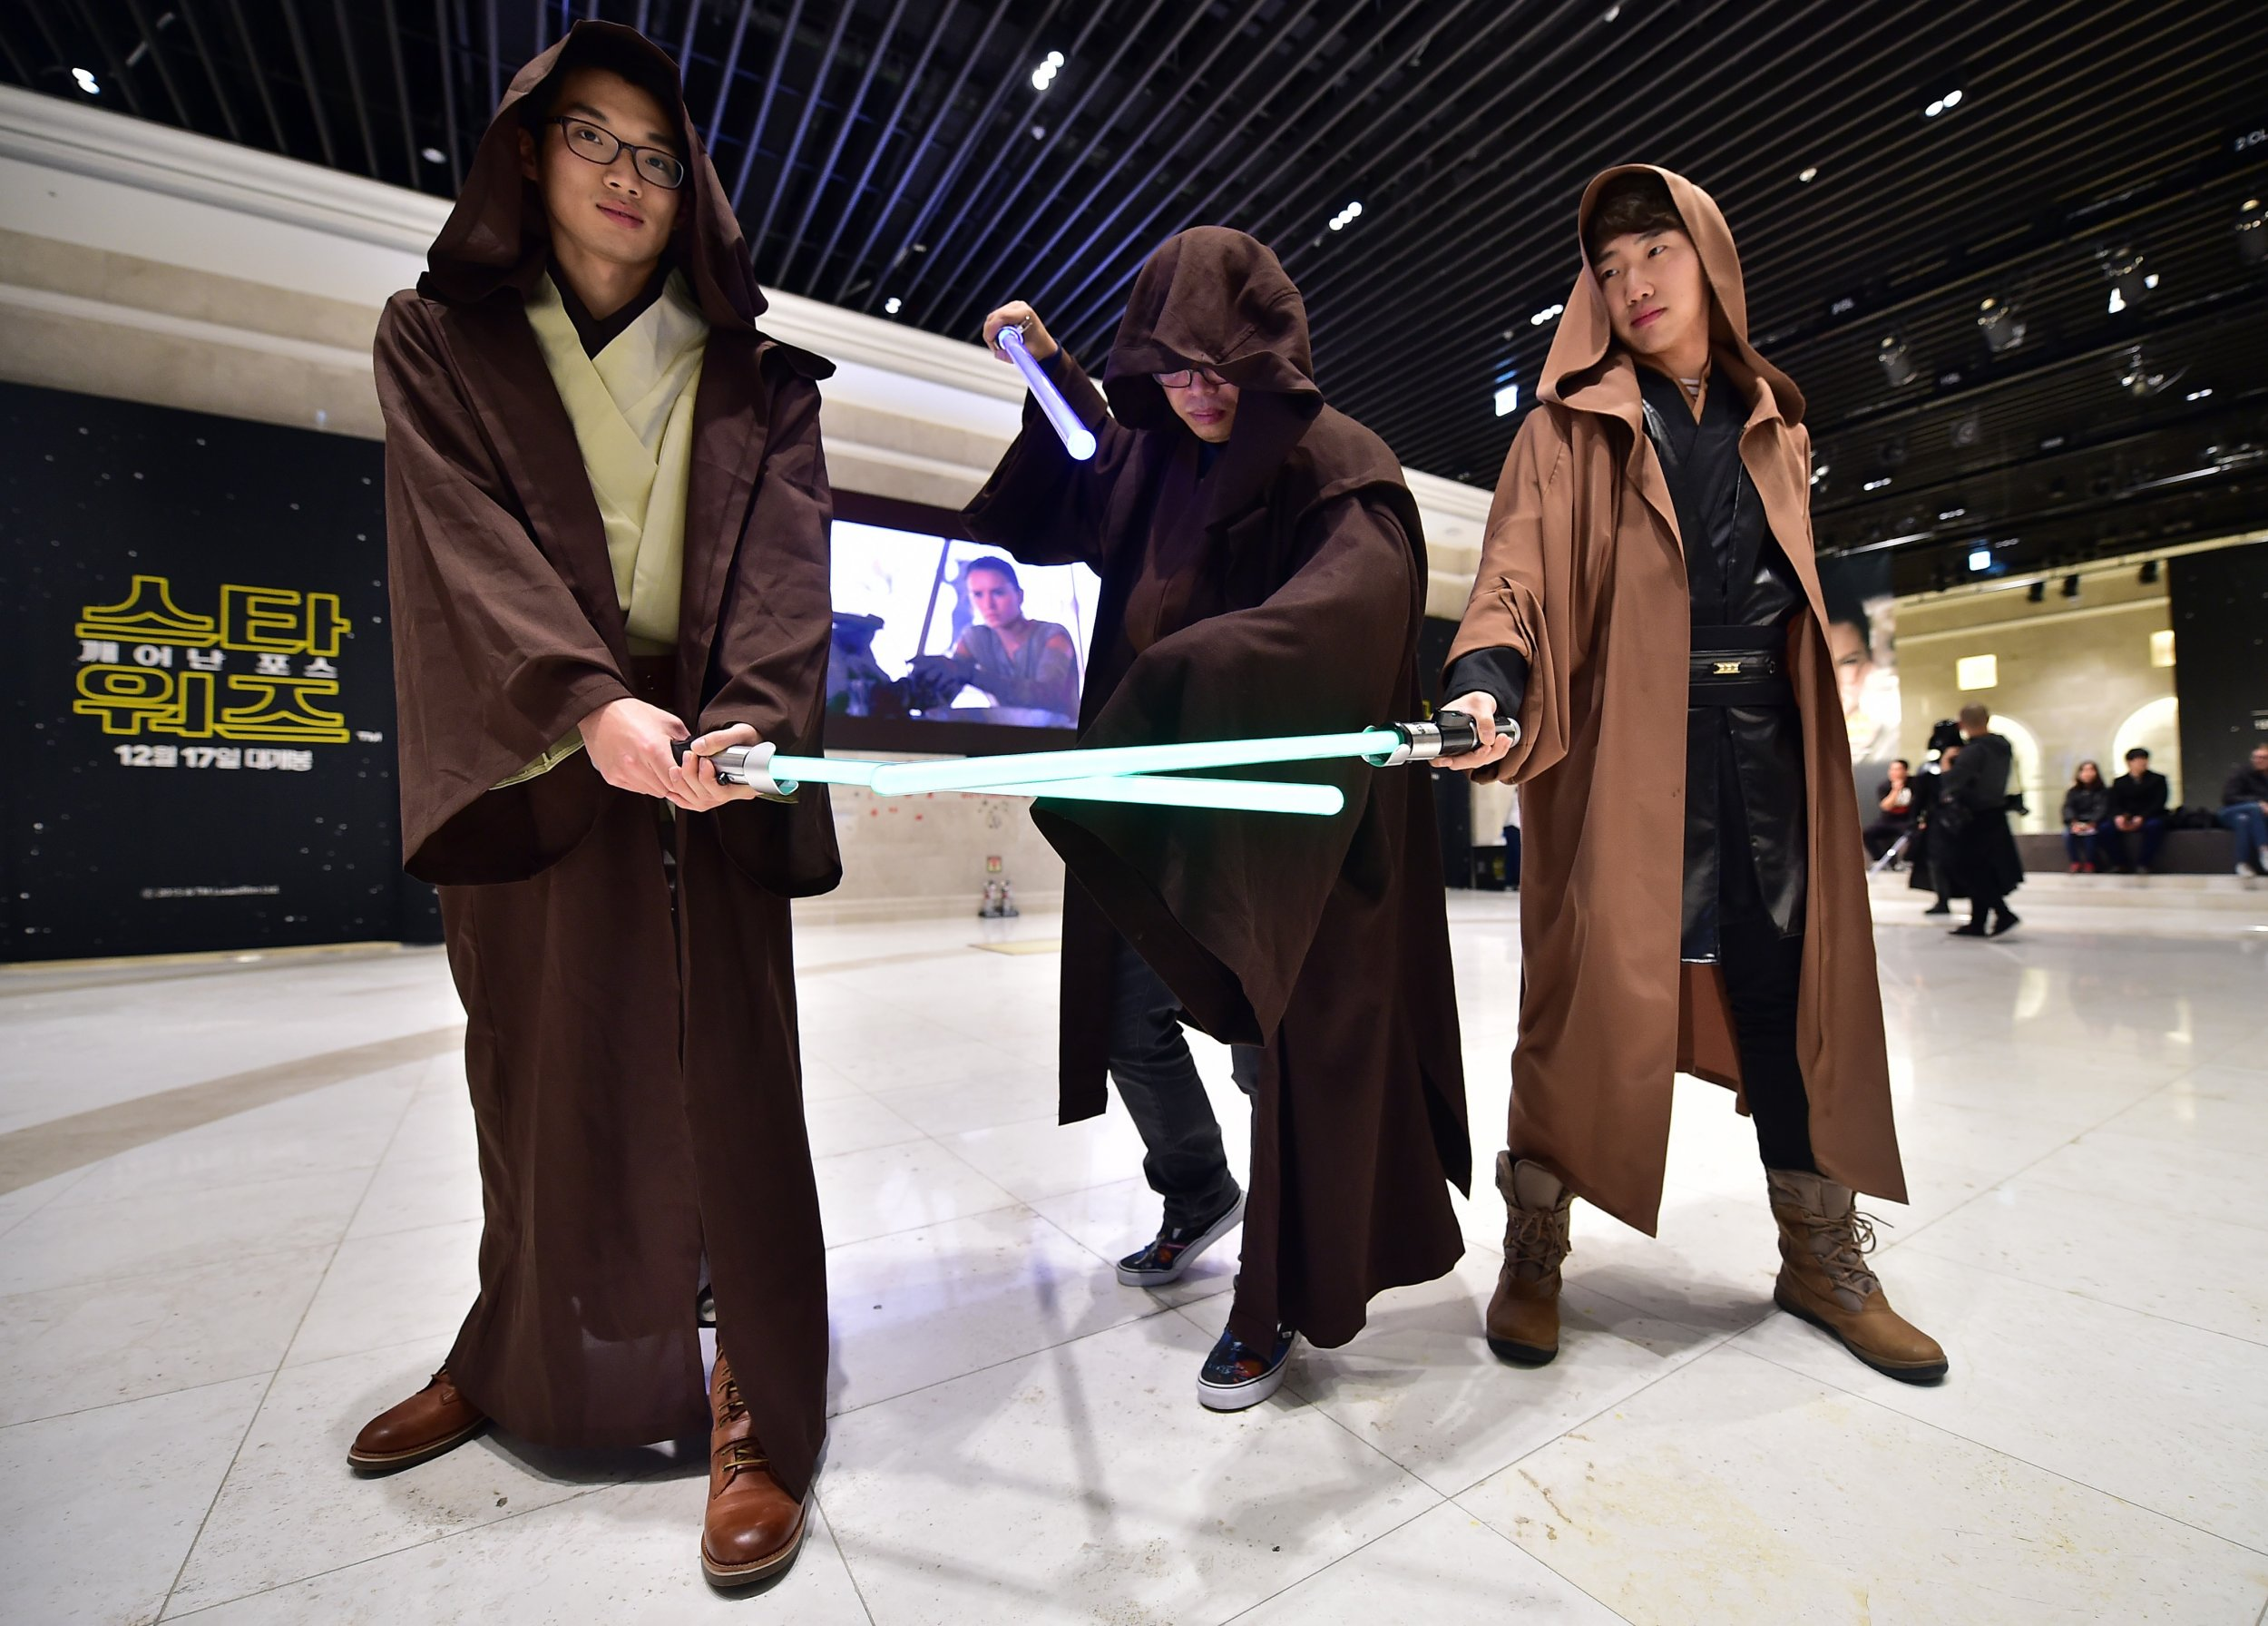 Star Wars Jedis